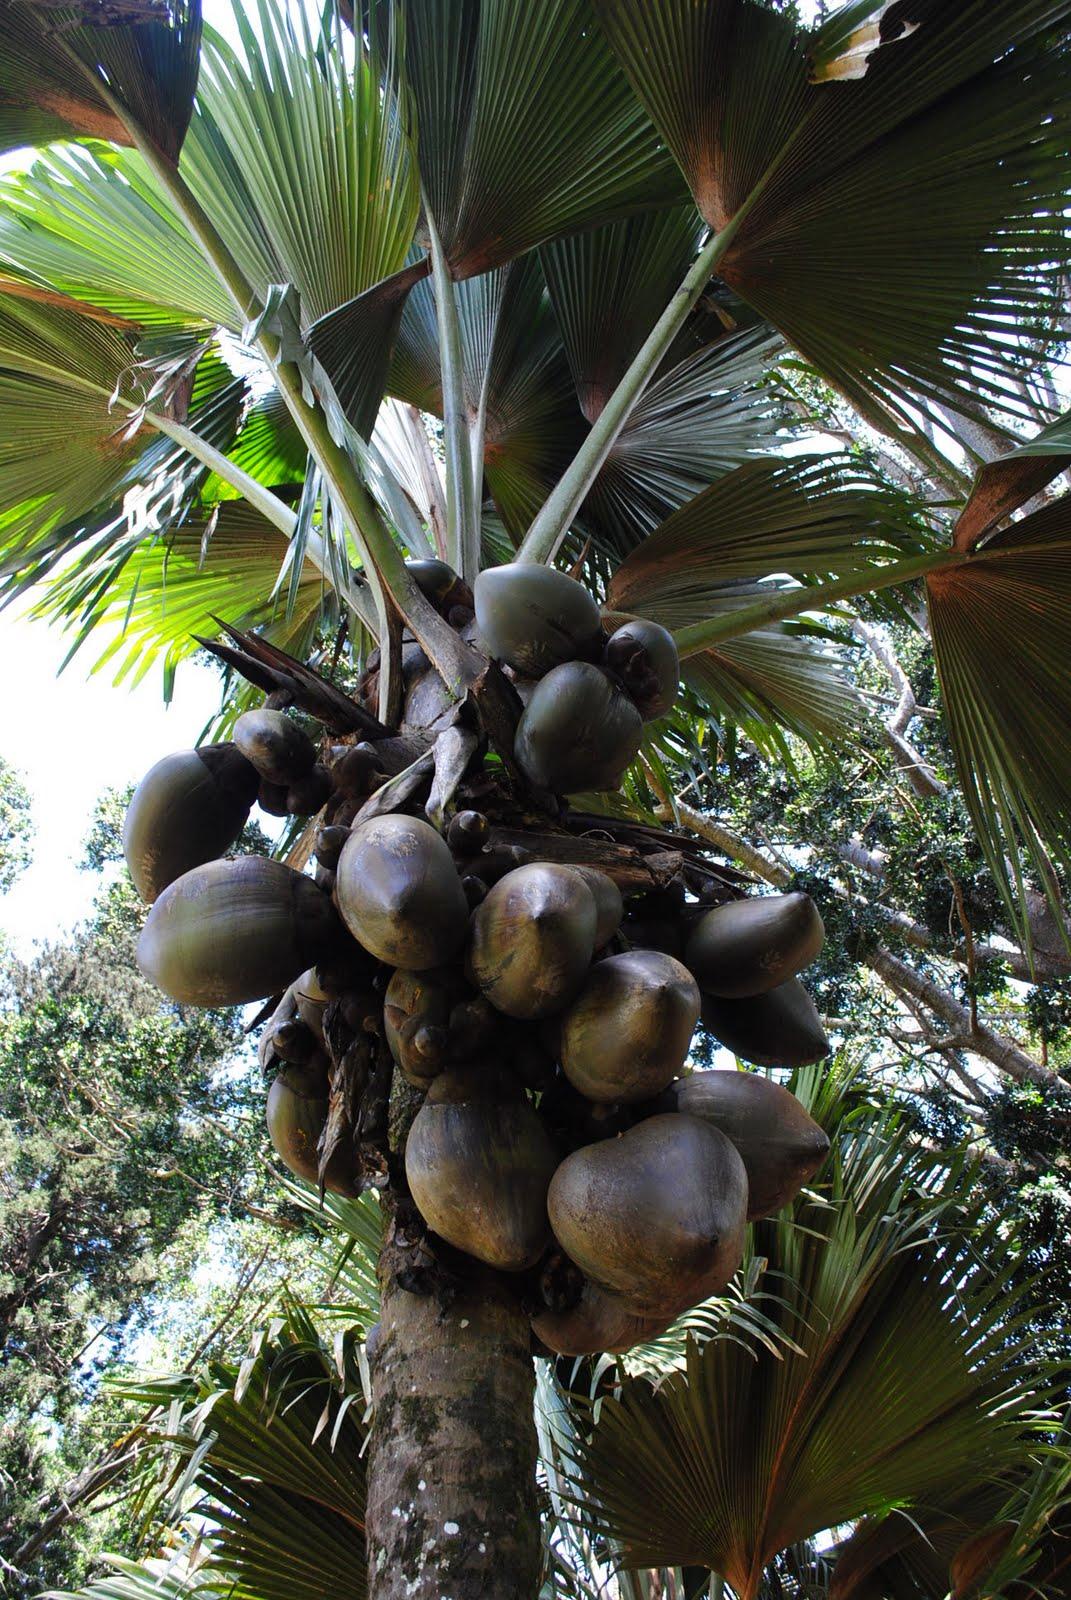 plantspeople: coco de mer, double coconut, beautiful rump